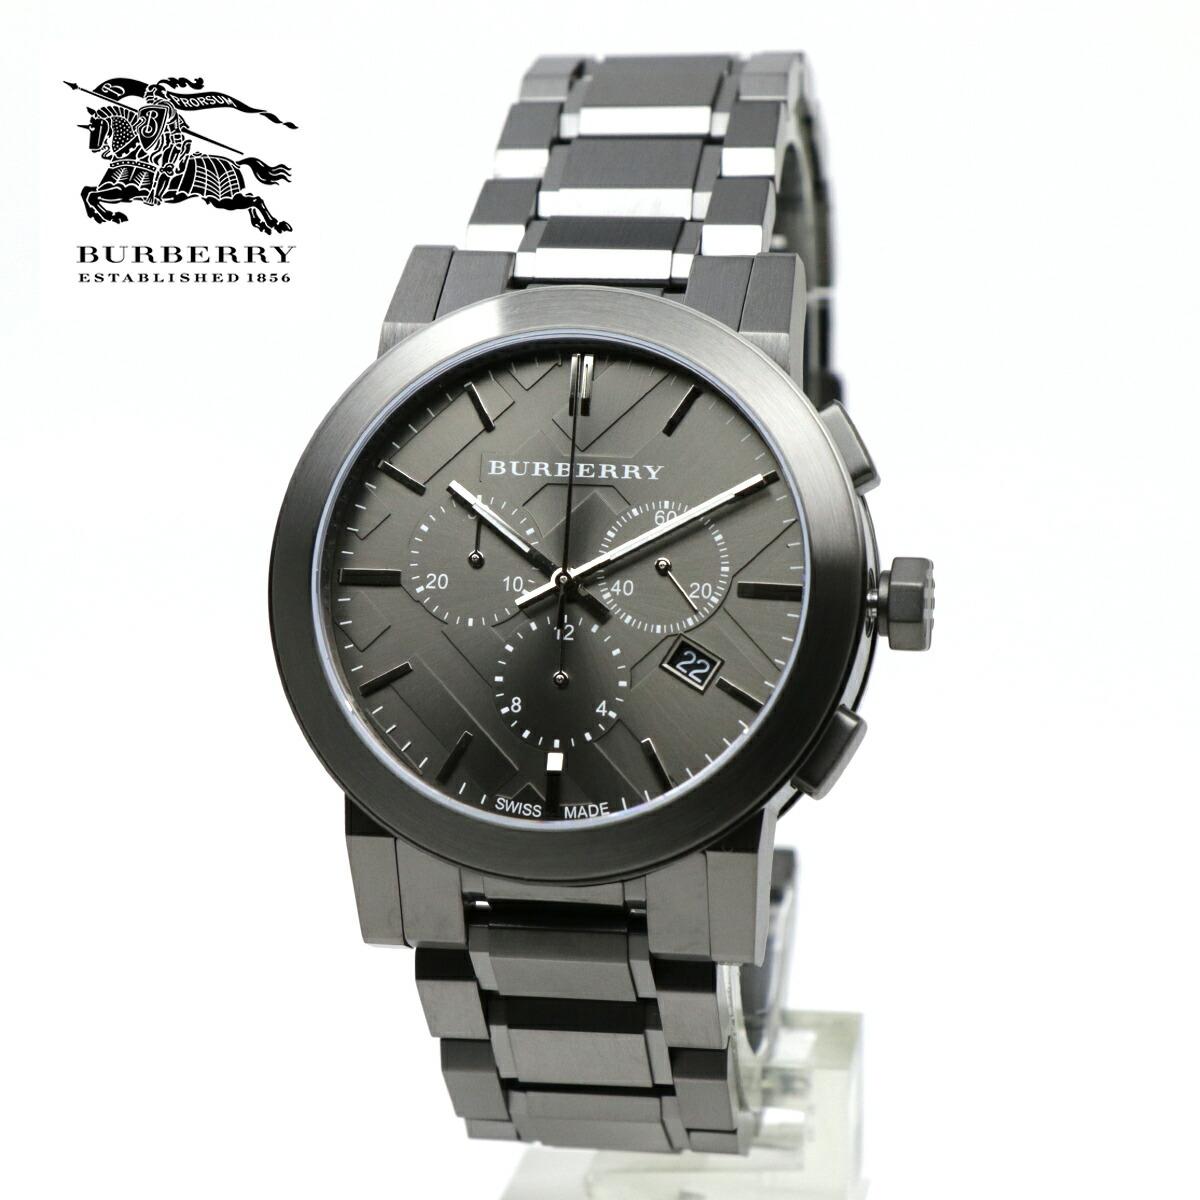 バーバリー BURBERRY 男性用 腕時計 BU9354 CITY シティ クロノグラフ 42mm ガンメタ チェック柄 ガンメタル ブラック メンズウォッチ カレンダー ストップウォッチ